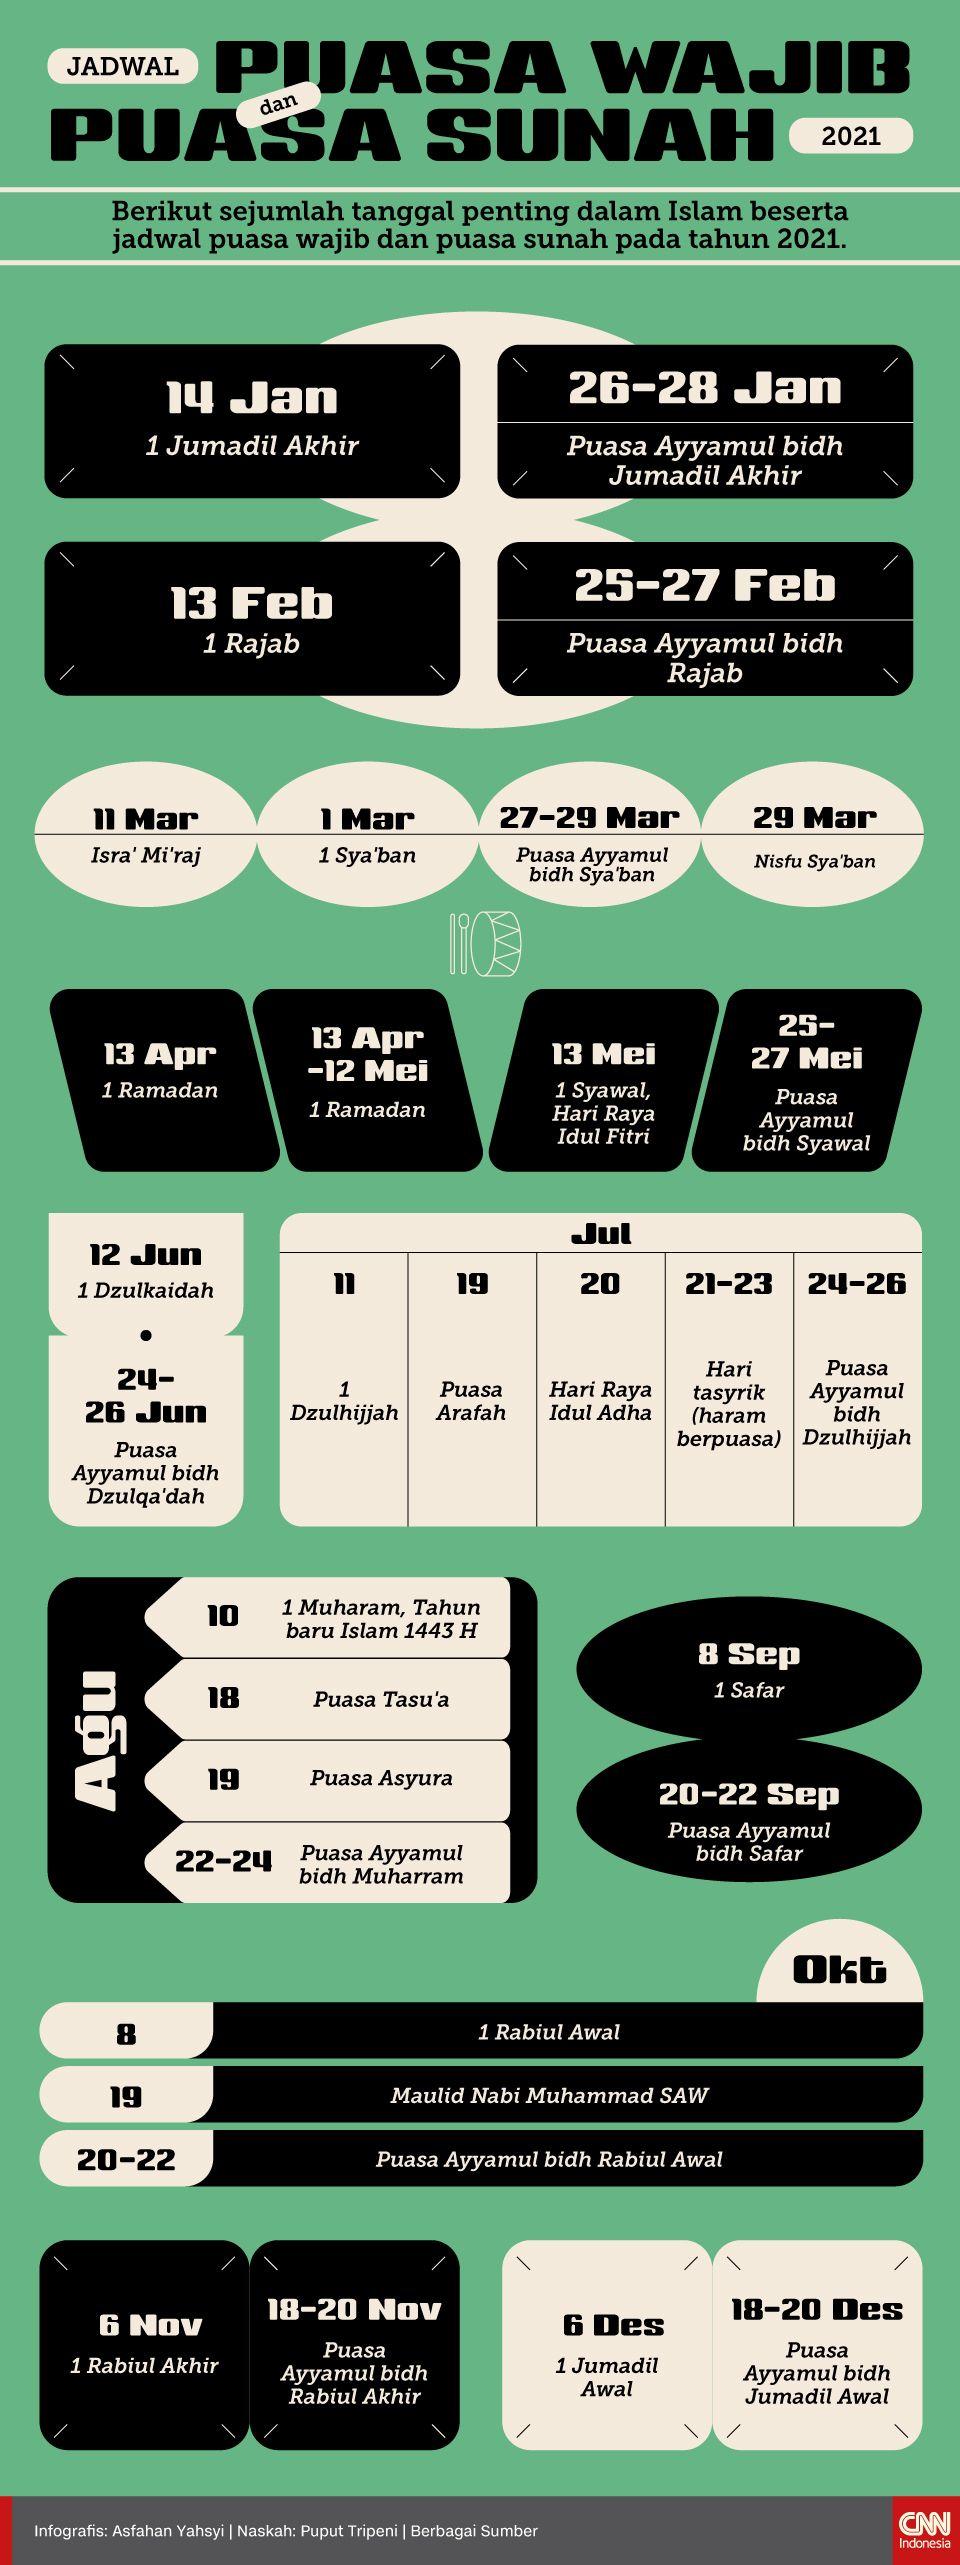 Infografis Jadwal Puasa Wajib dan Puasa Sunah di 2021